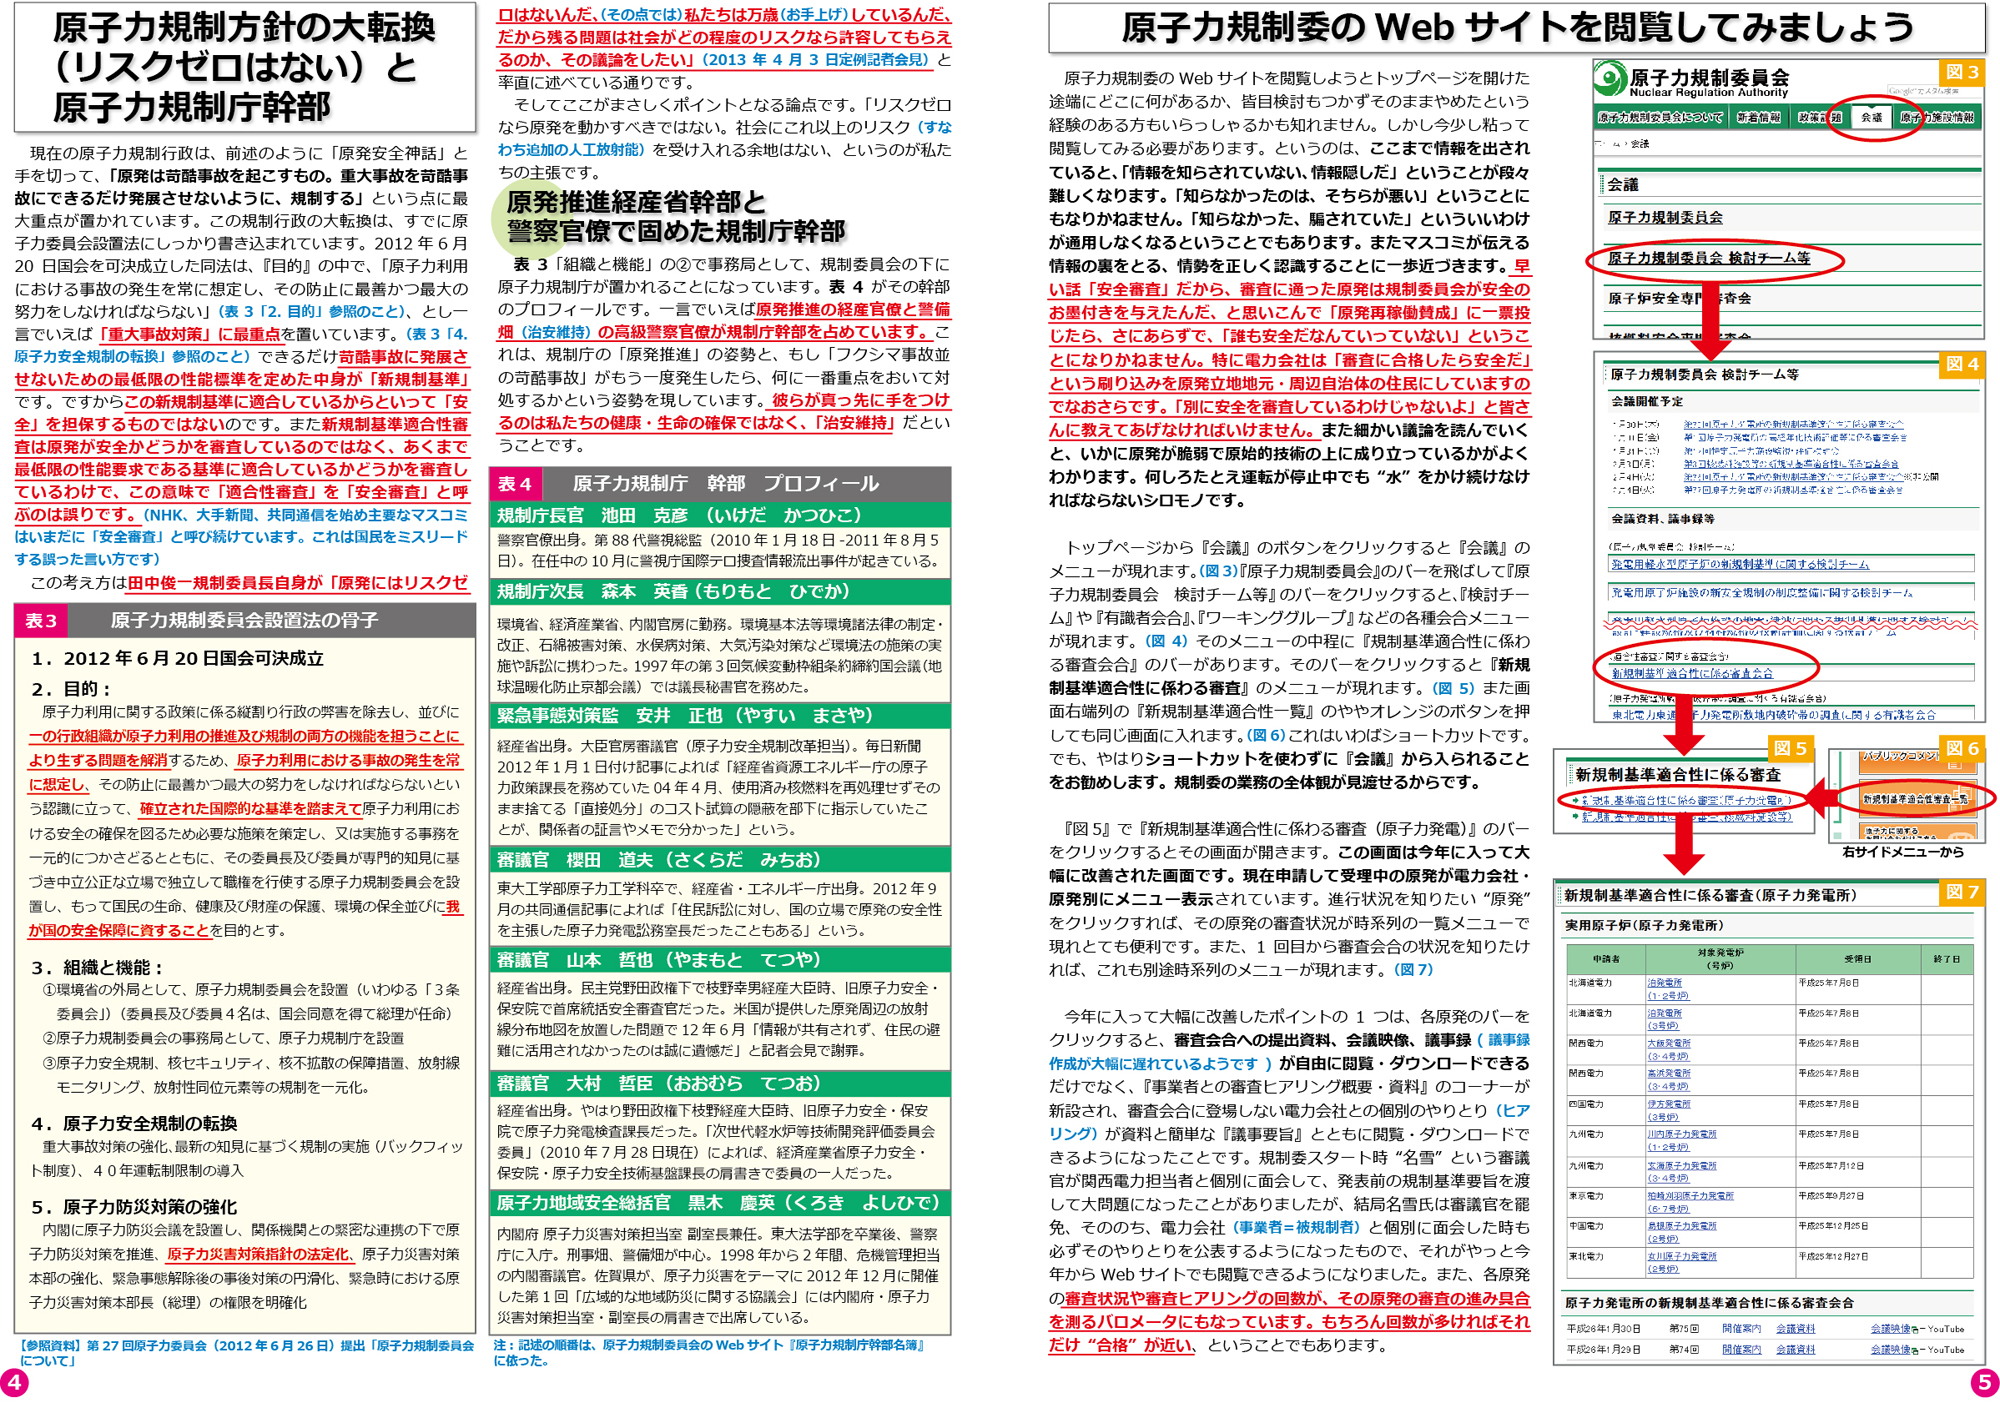 ファイル 258-3.jpg